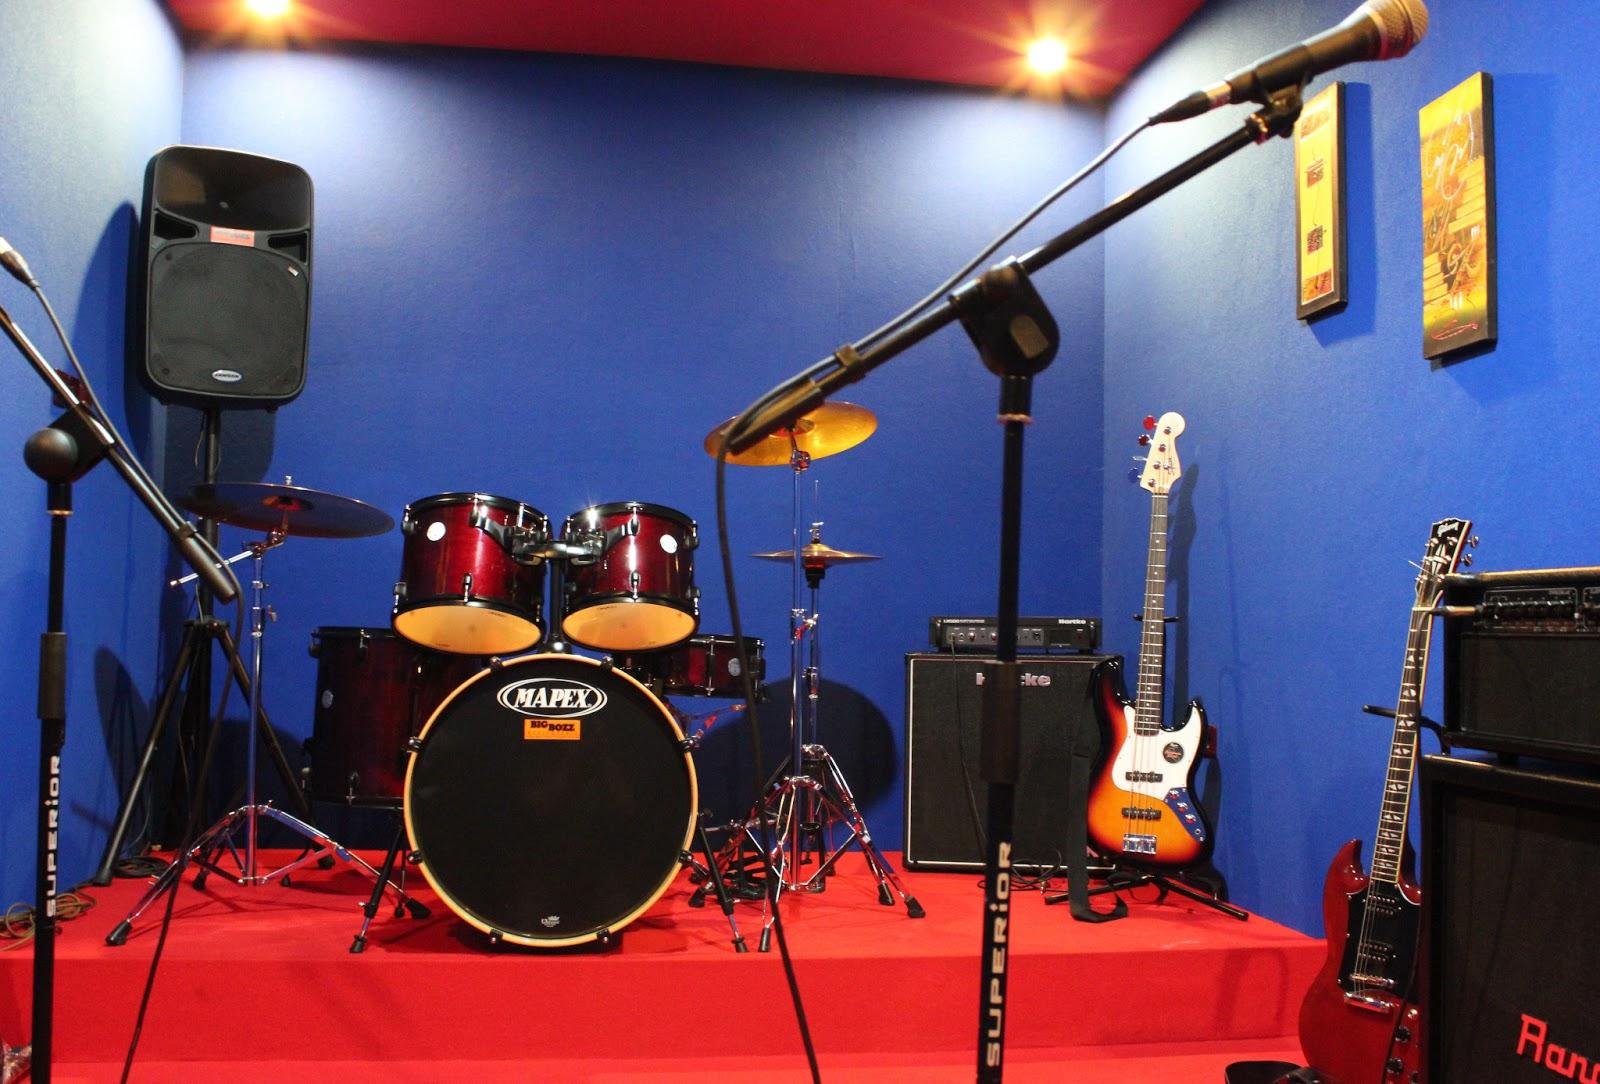 studio musik gambar 2 tampak depak studio musik gambar 3 tampak studio ...